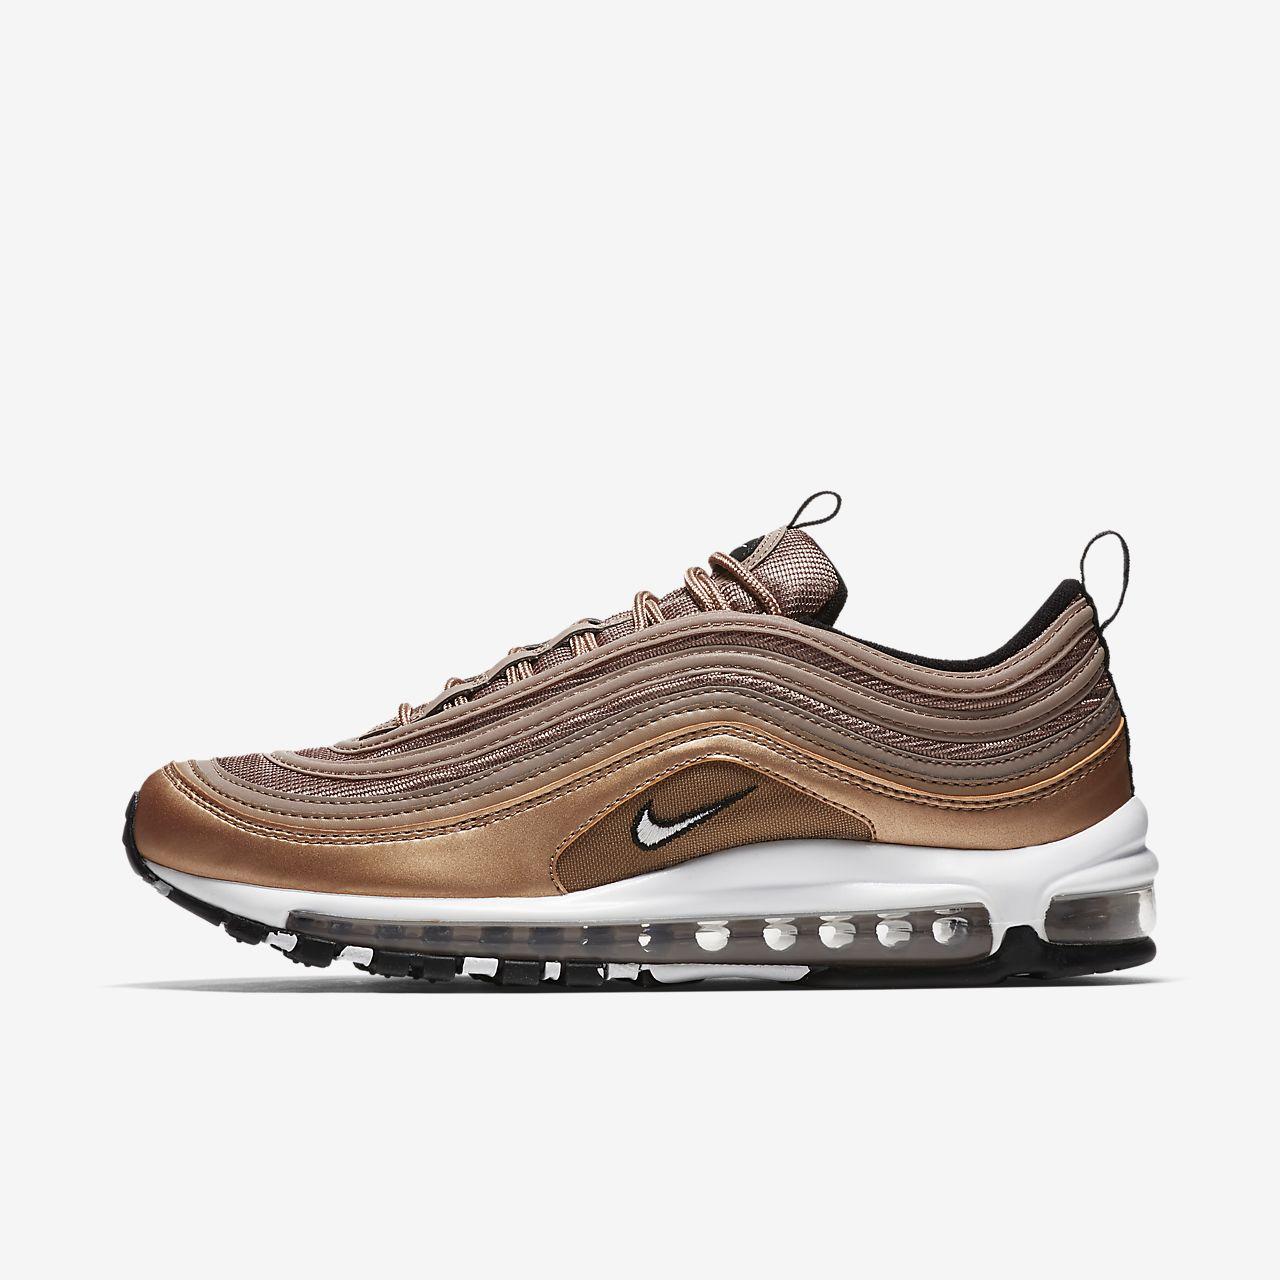 Nike Air Max 97 Hombres Zapatos Para Las Tripulaciones